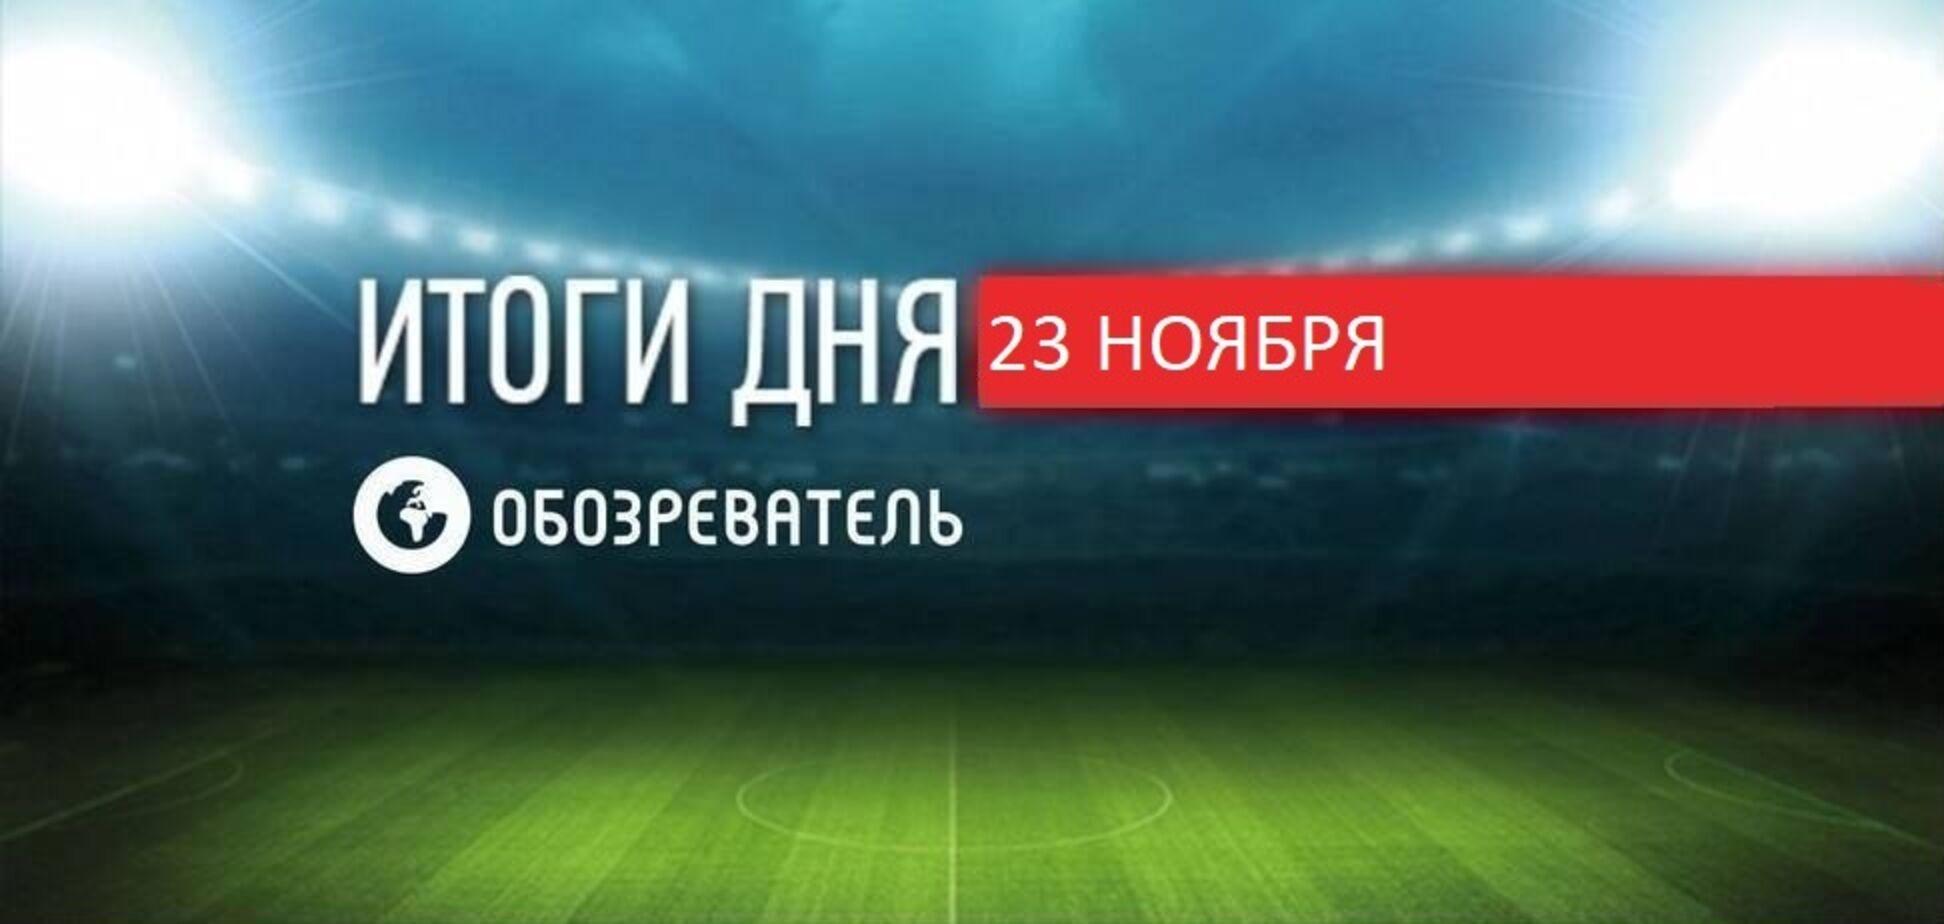 'Барселона' не заявила Мессі на матч з 'Динамо': спортивні підсумки 23 листопада